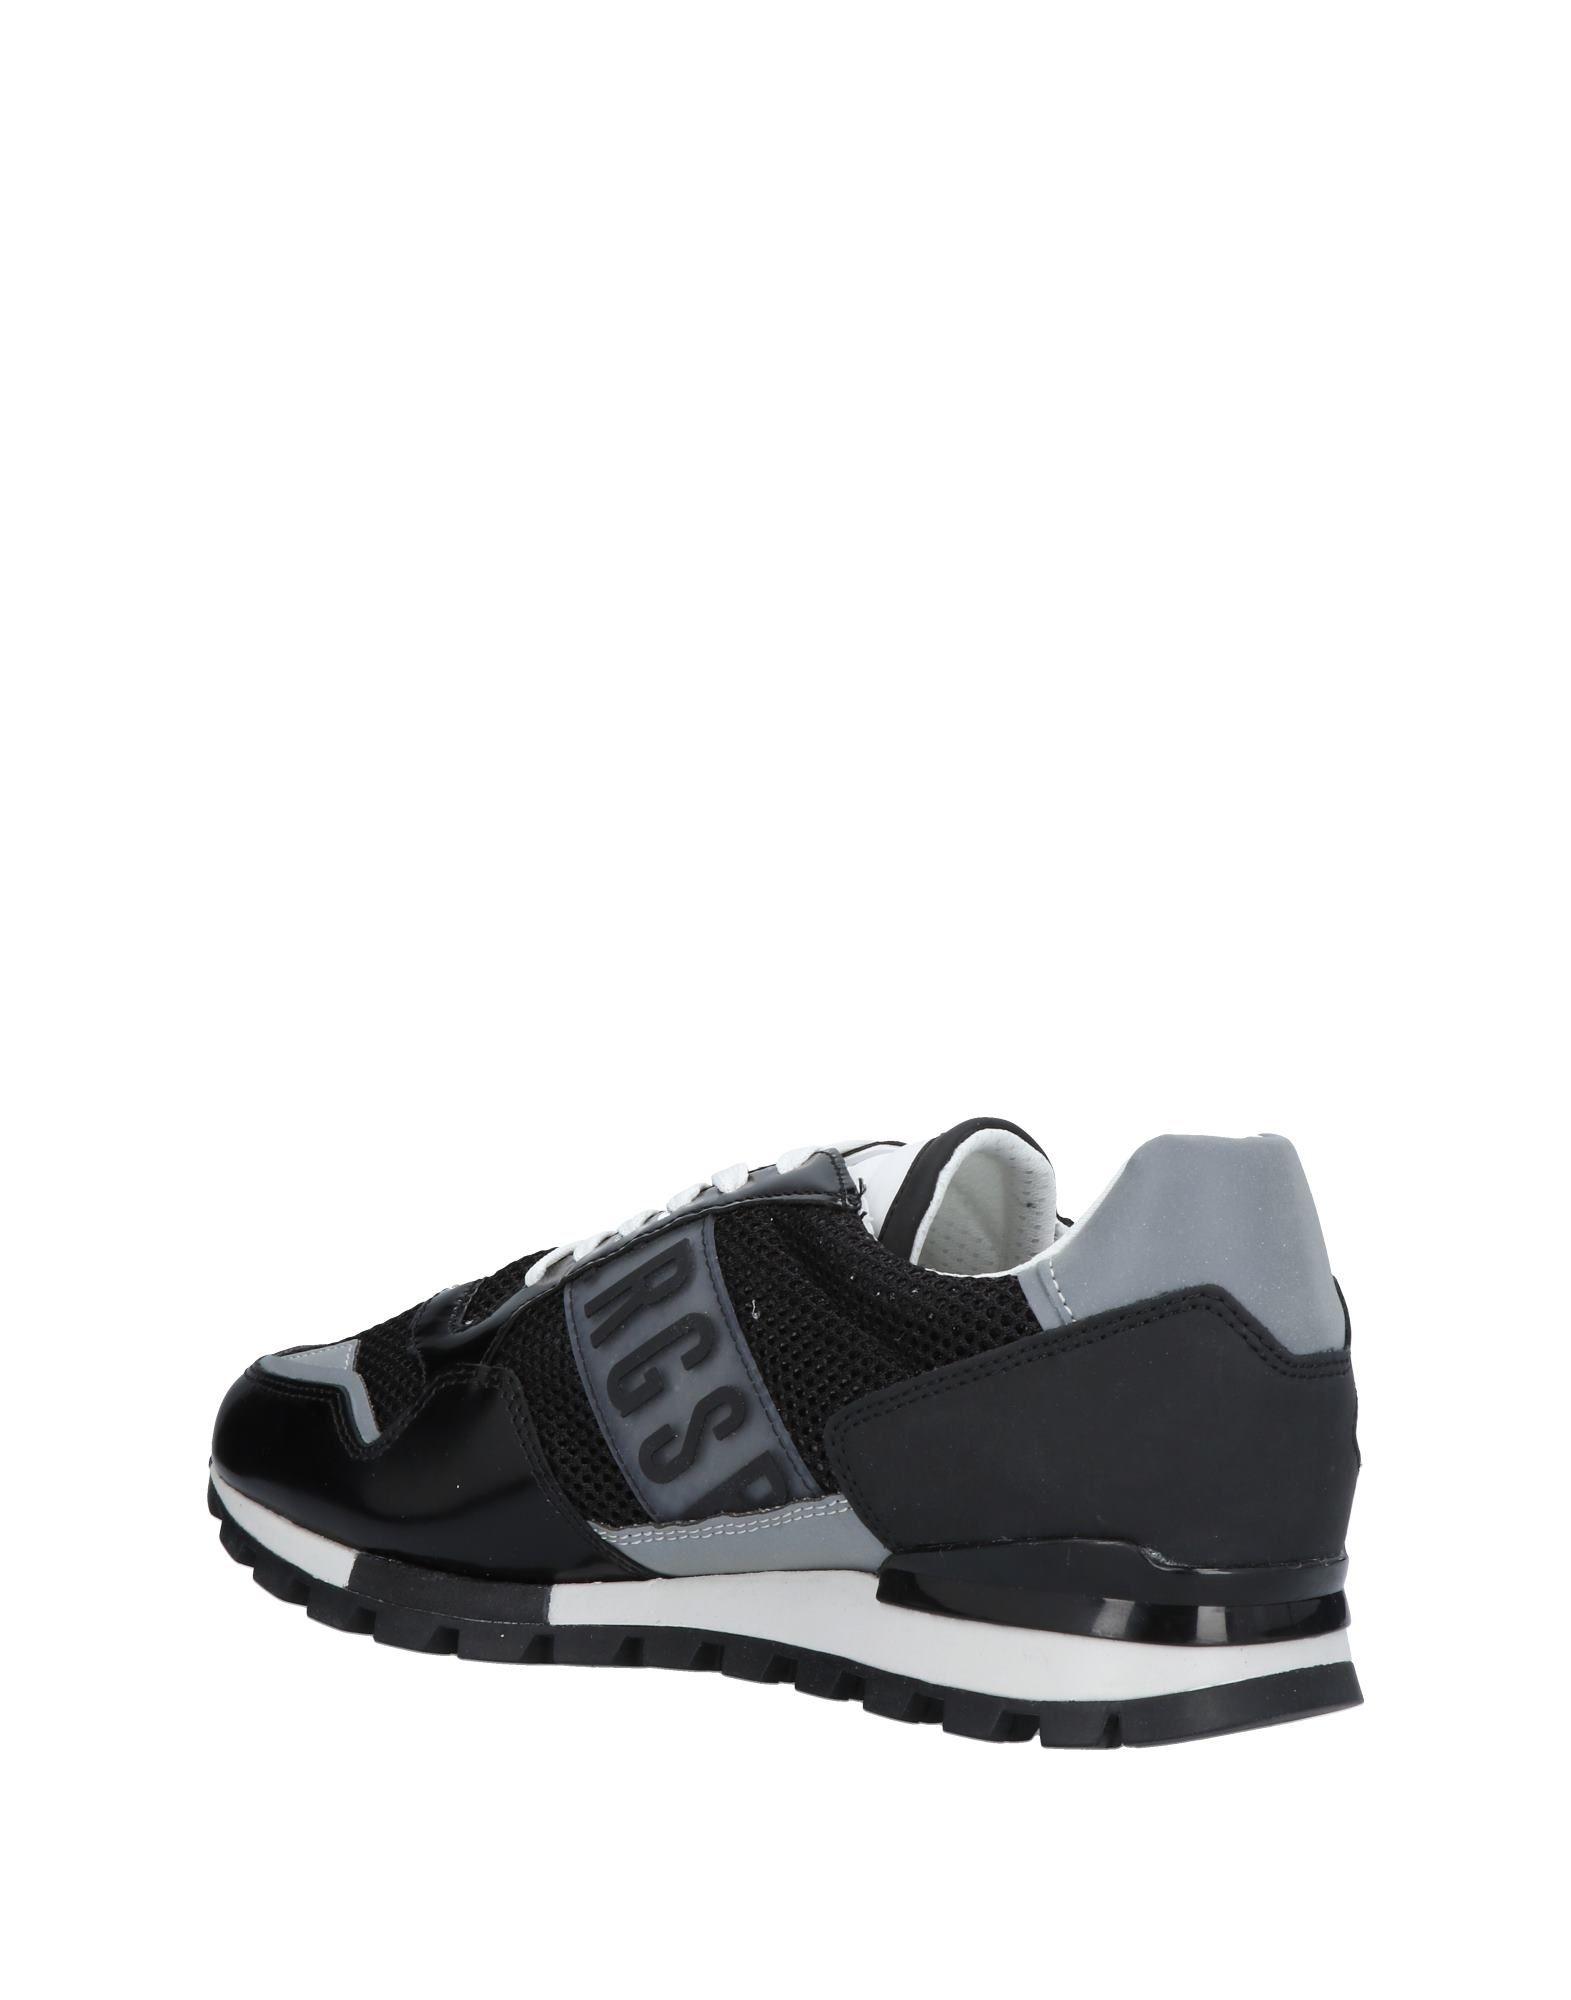 Bikkembergs Sneakers Herren  11417880TL 11417880TL  b2fc23